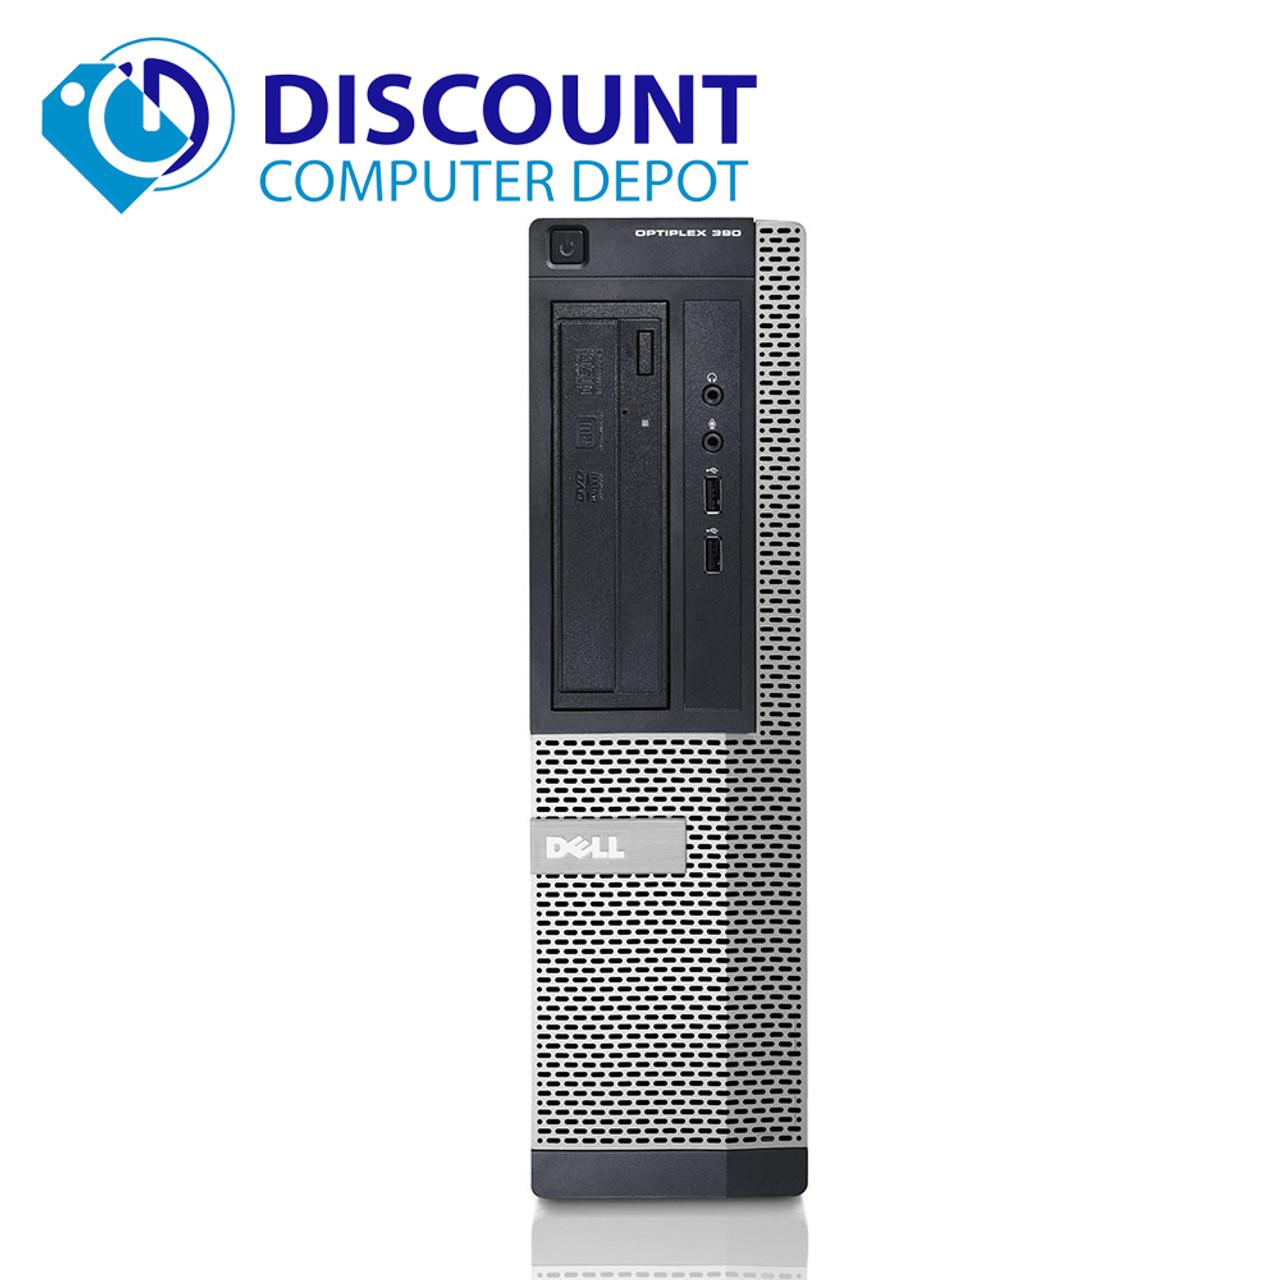 Fast Dell Optiplex 390 Windows 10 Pro Desktop Computer Core i3 3 1GHz 8GB  500GB and WIFI